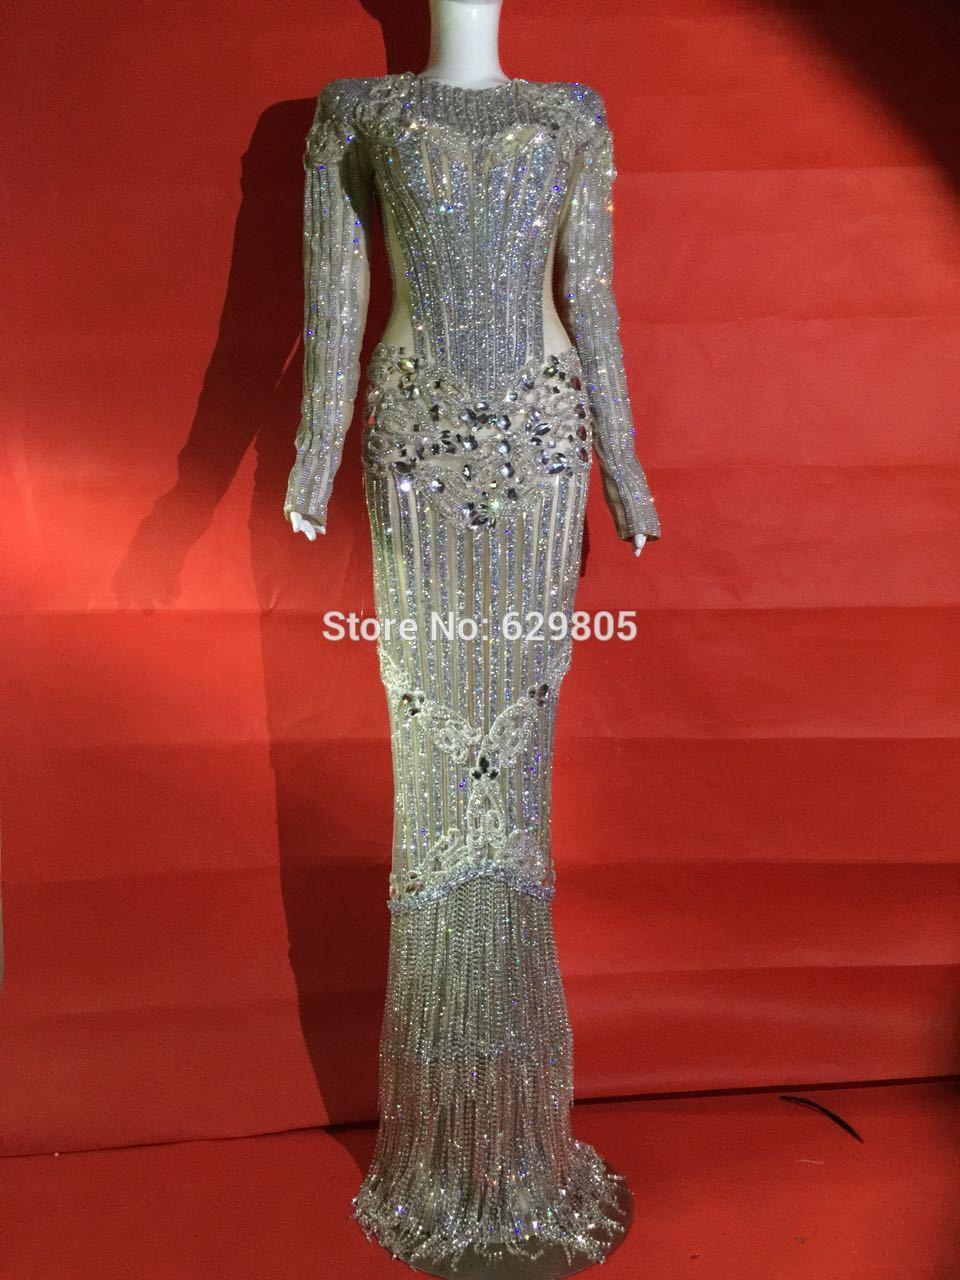 2019 mode luxe Glisten argent strass Sexy scène porter de longues robes plein cristaux Costume célébrer tenue robes